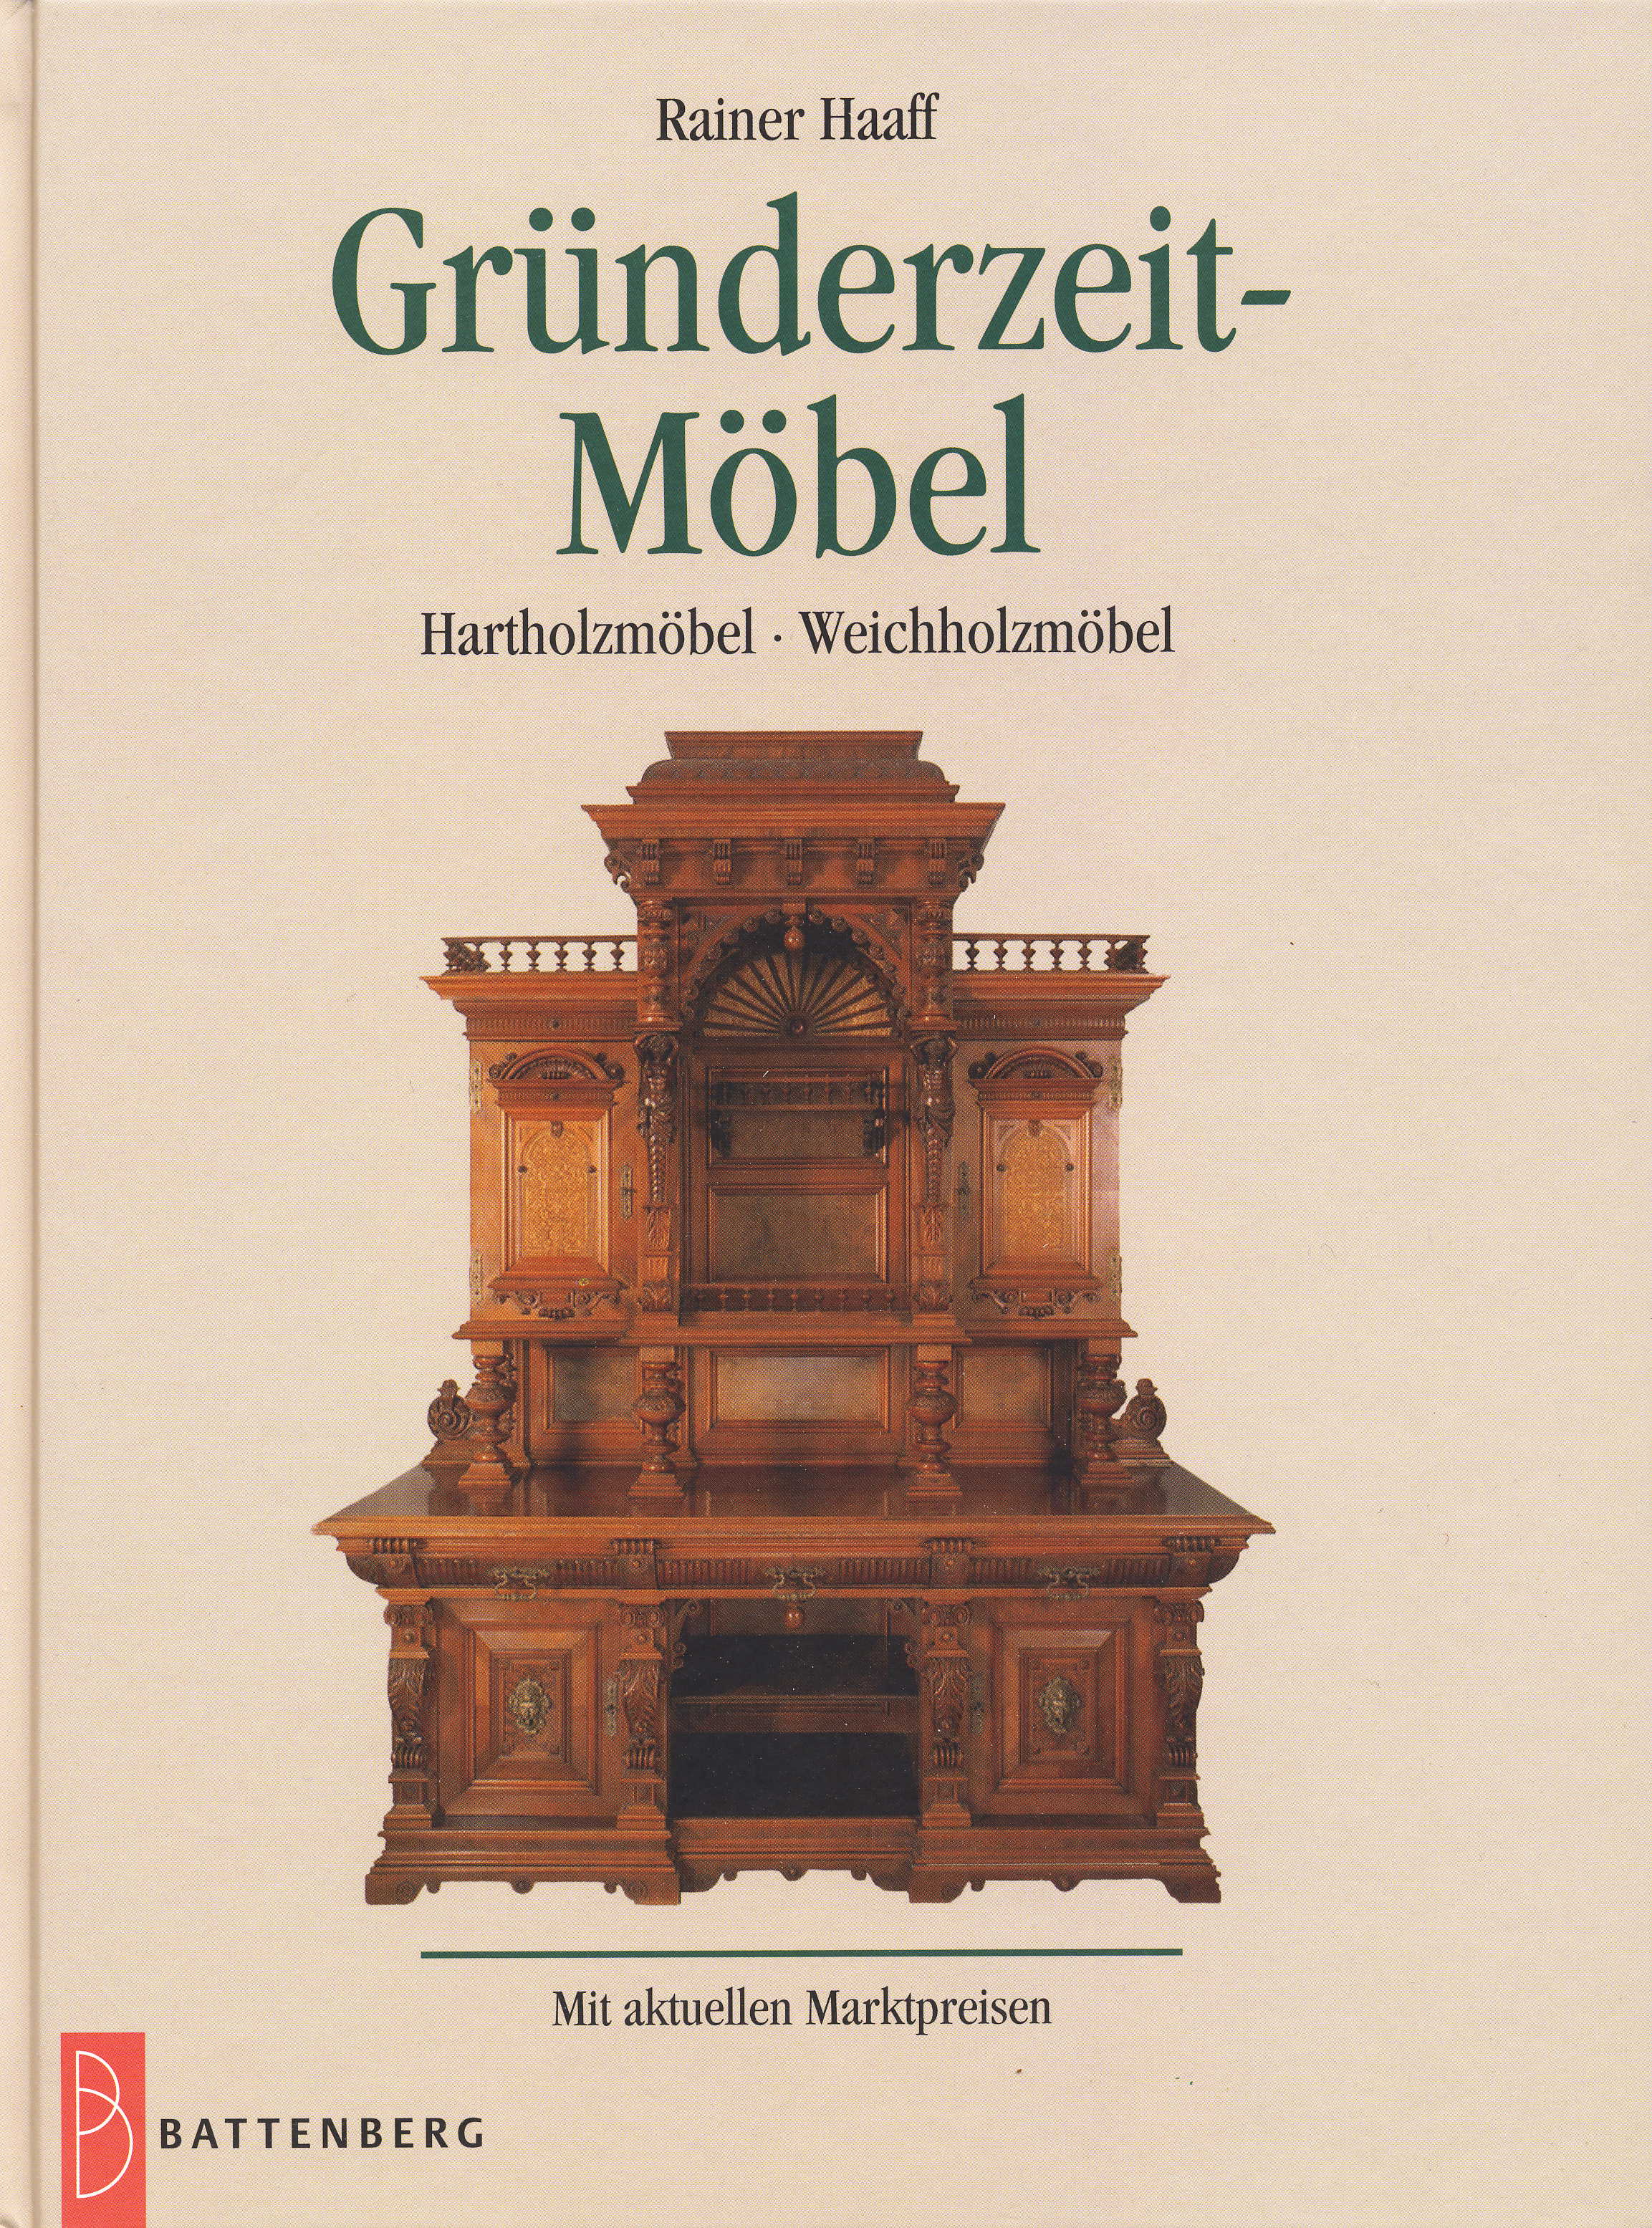 Haaff Gründerzeit-Möbel Hartholzmöbel-Weichholzmöbel